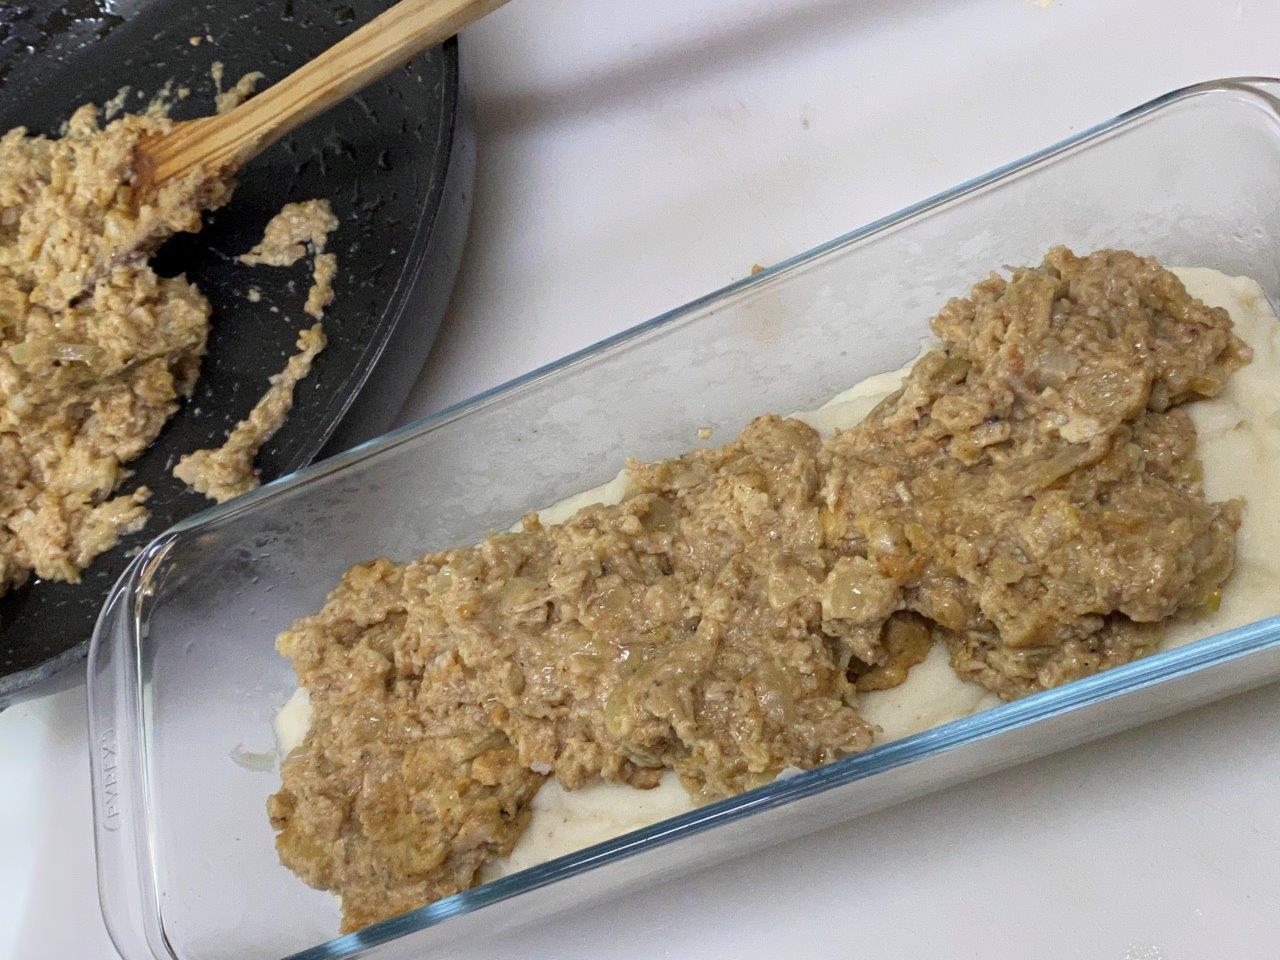 Empadão de frango empadão de frango Empadão de frango Empadao 6